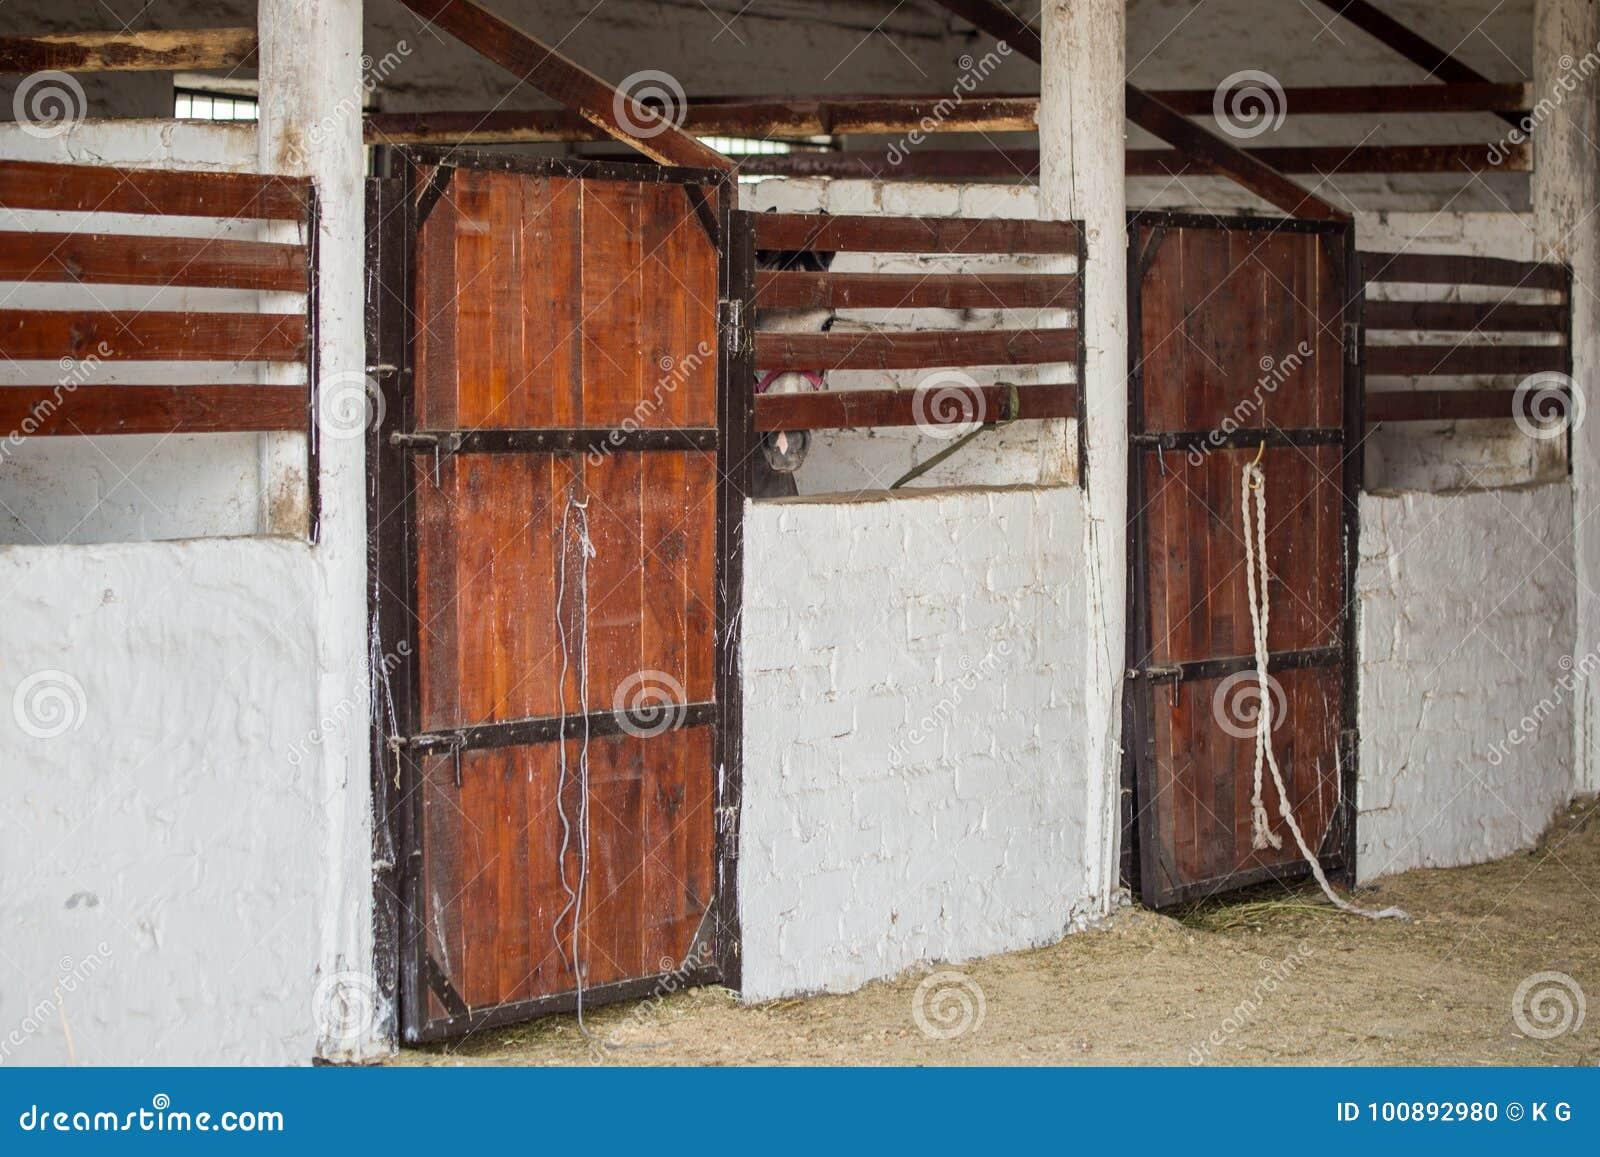 Wnętrze stara nieociosana stajenka i głowa koński senn przez drewnianego ogrodzenia